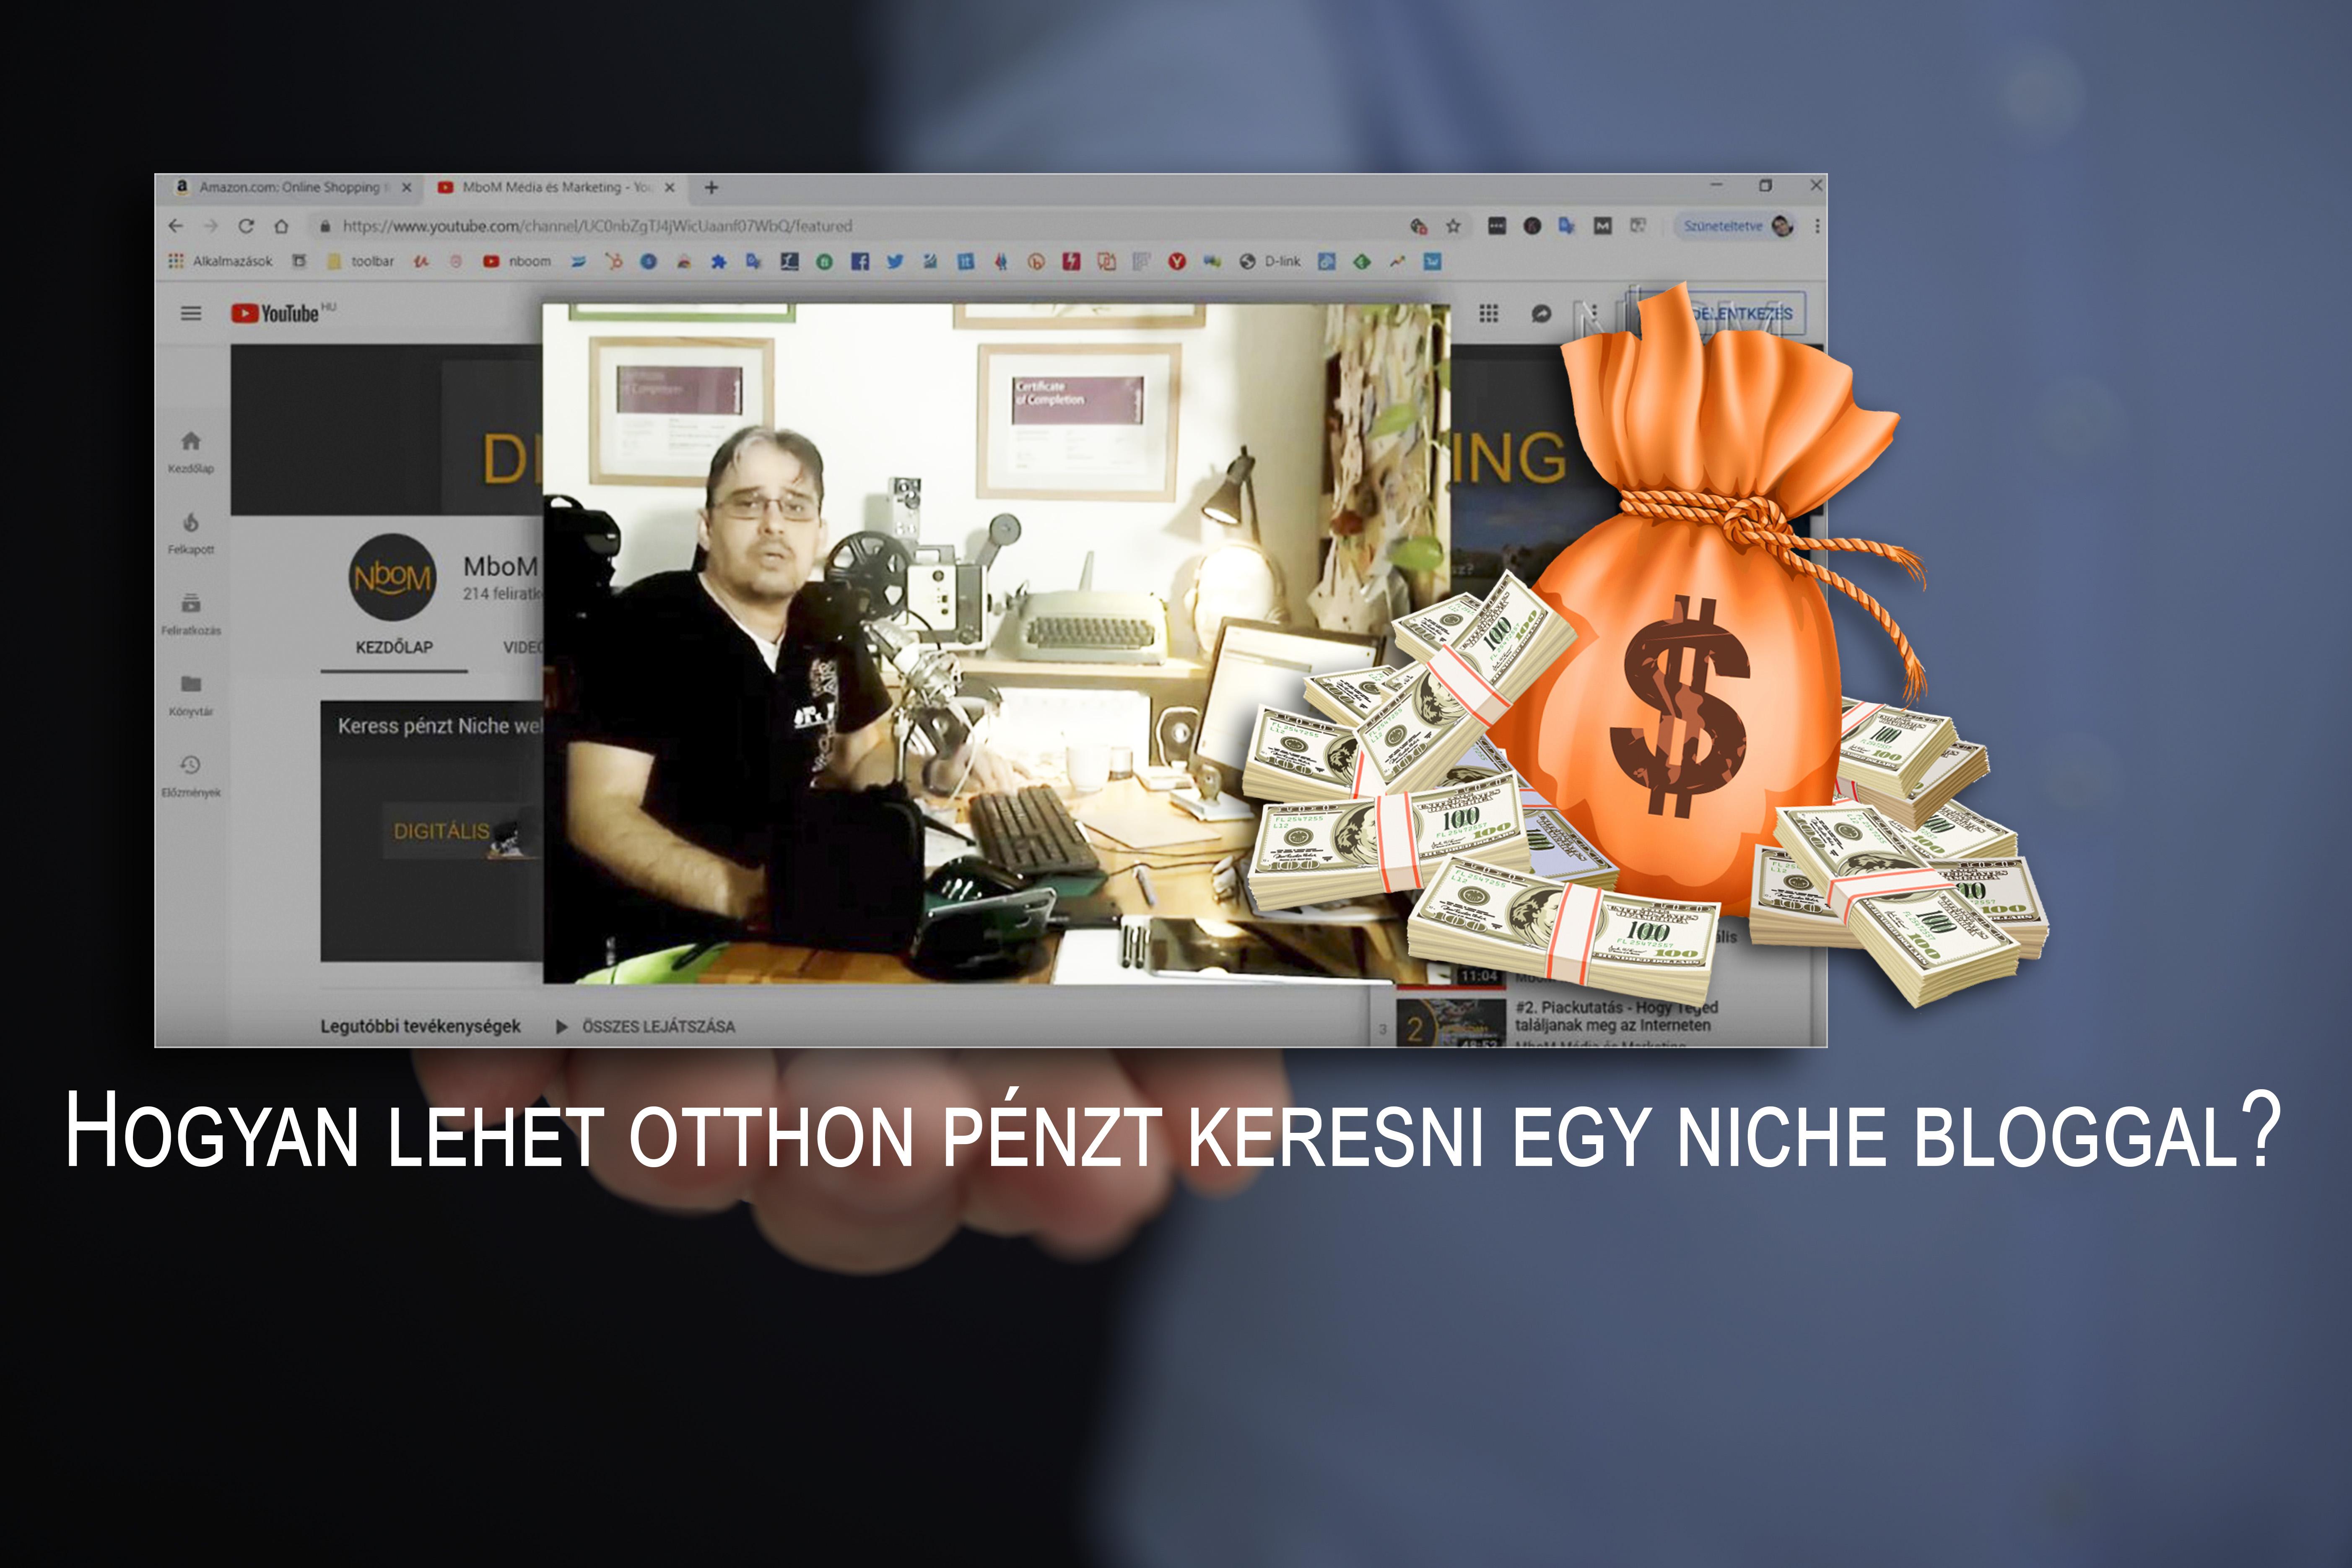 lke hol lehet pénzt keresni az interneten az interneten dolgozzon mellékletek nélkül